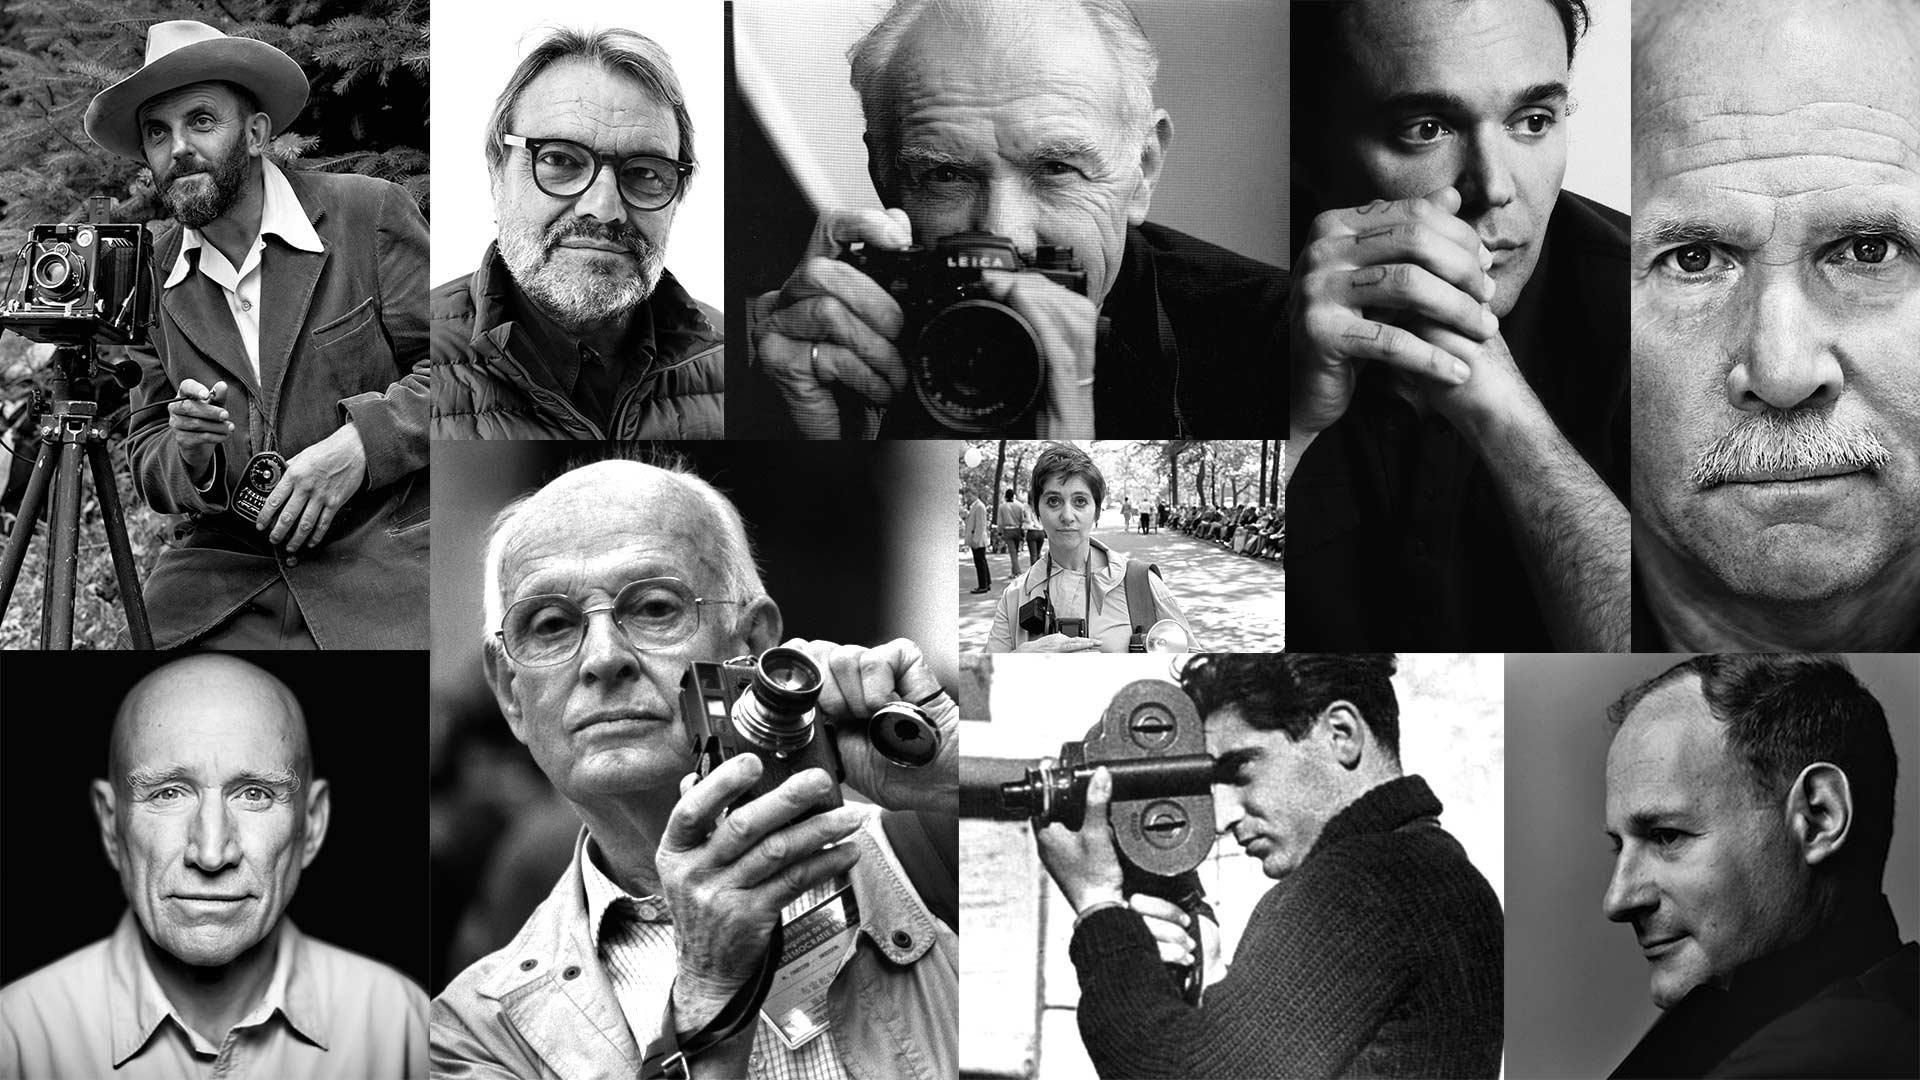 I 10 Fotografi Più Famosi Della Storia Fotografia Moderna